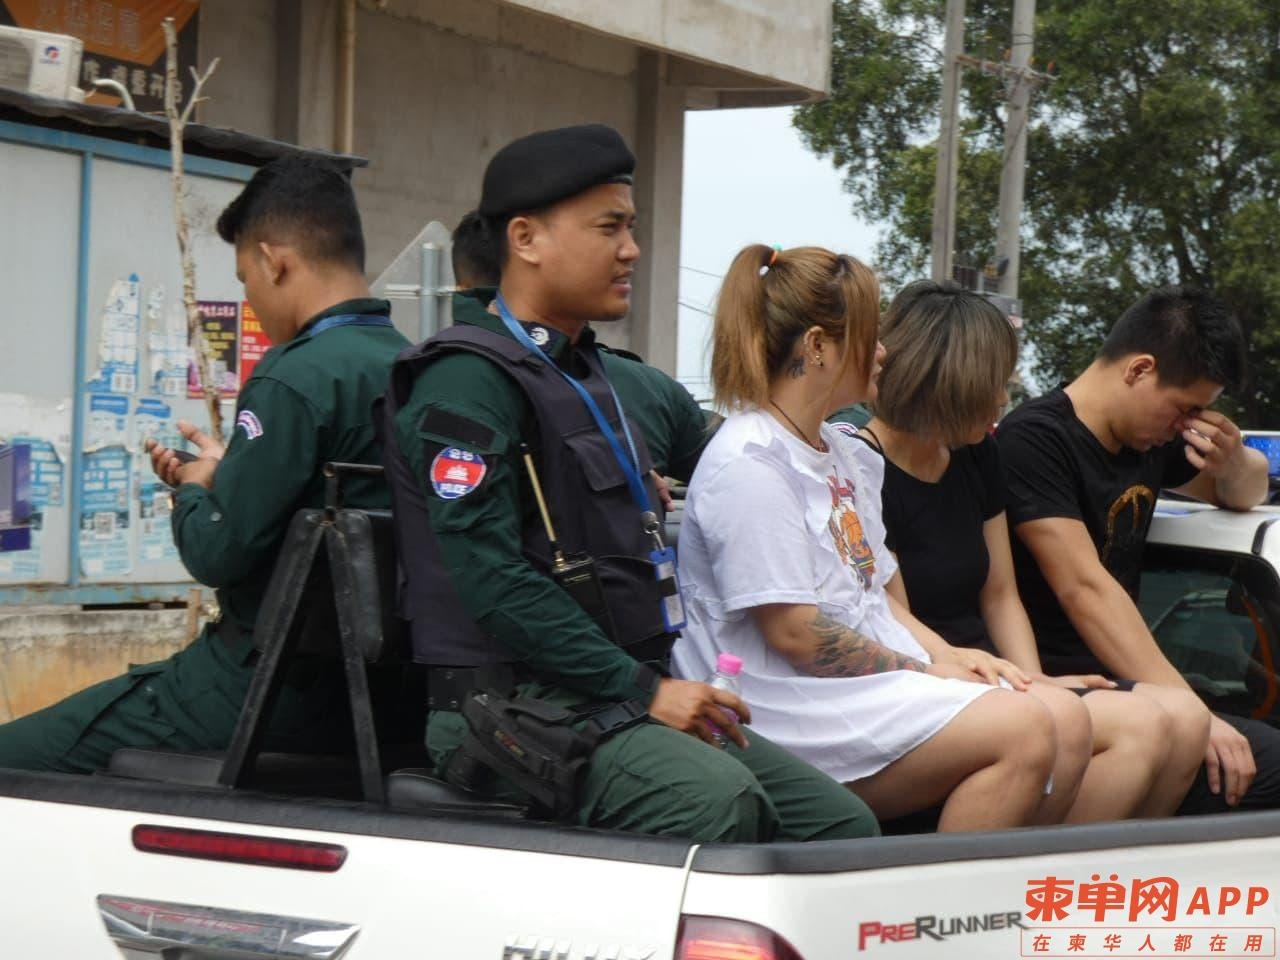 涉嫌与坠亡案有关,西港3名中国男女协助调查